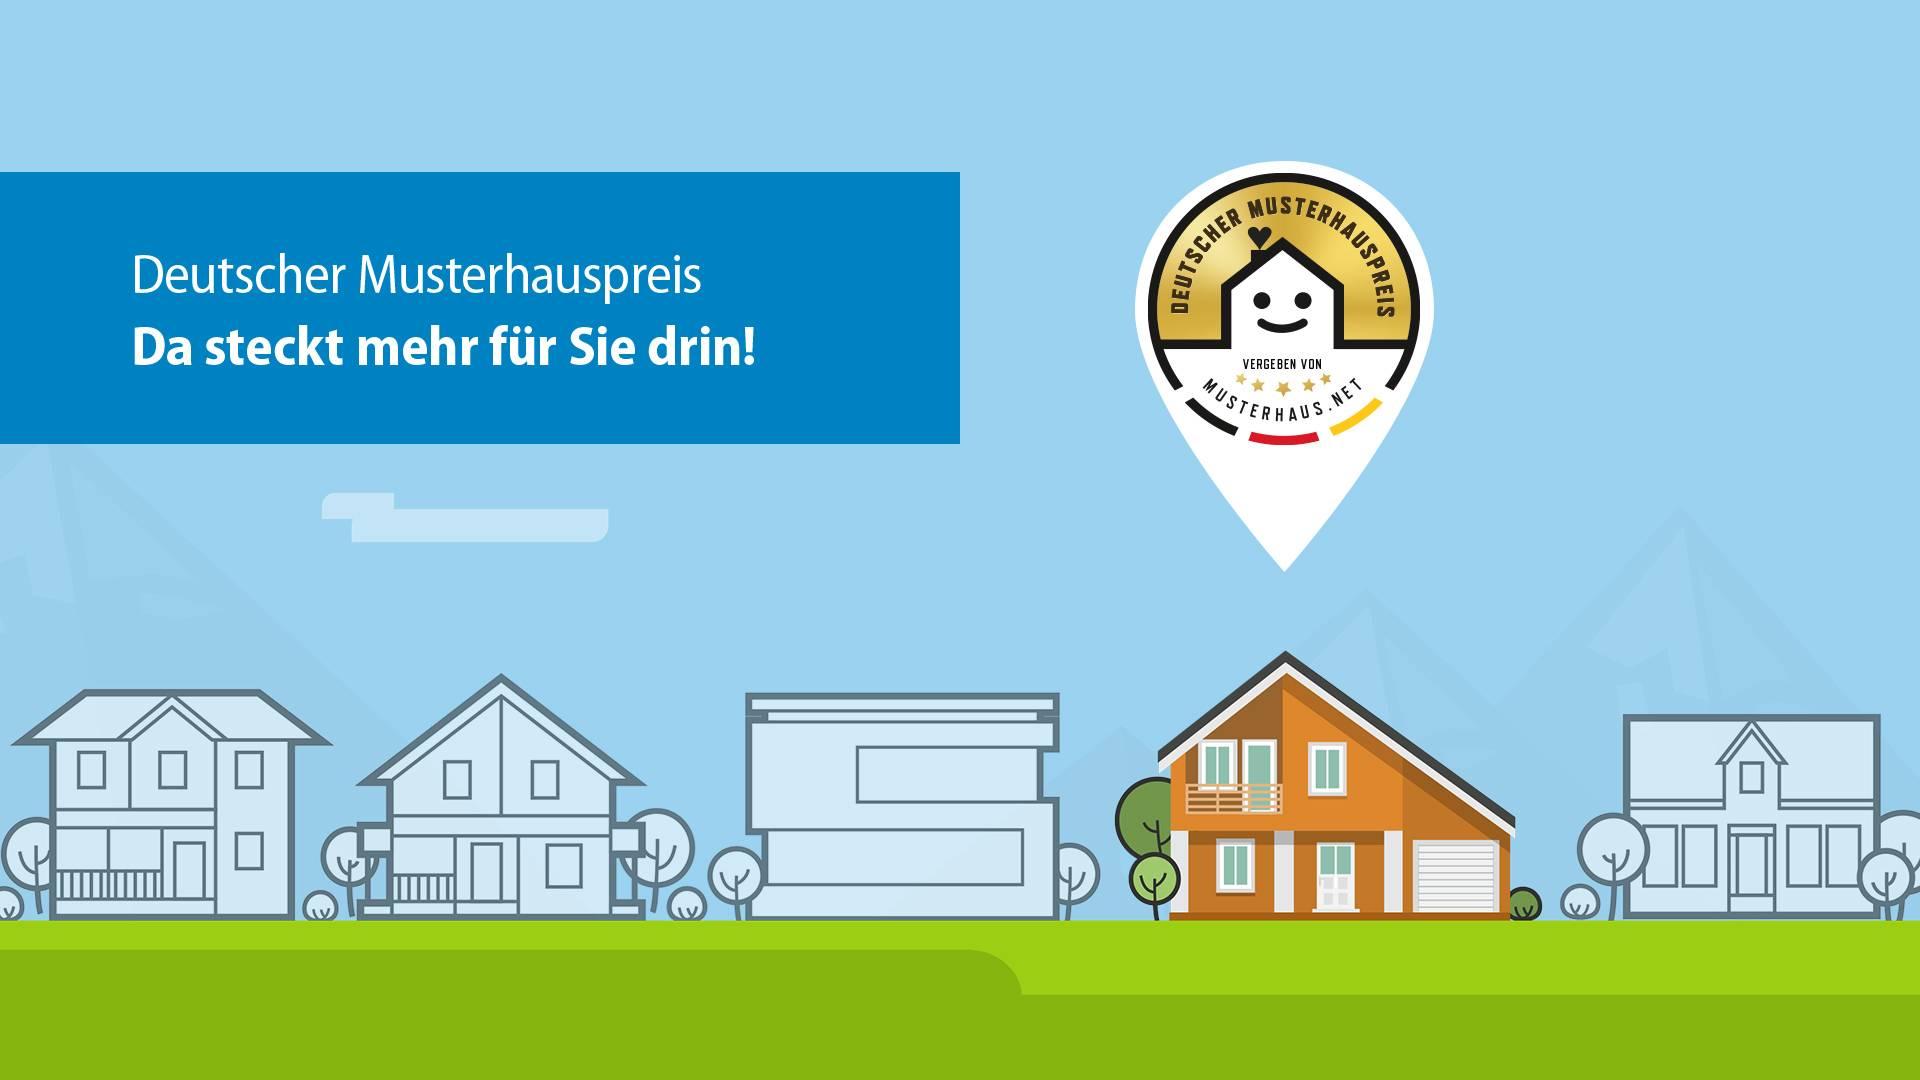 Der Deutsche Musterhauspreis 2017